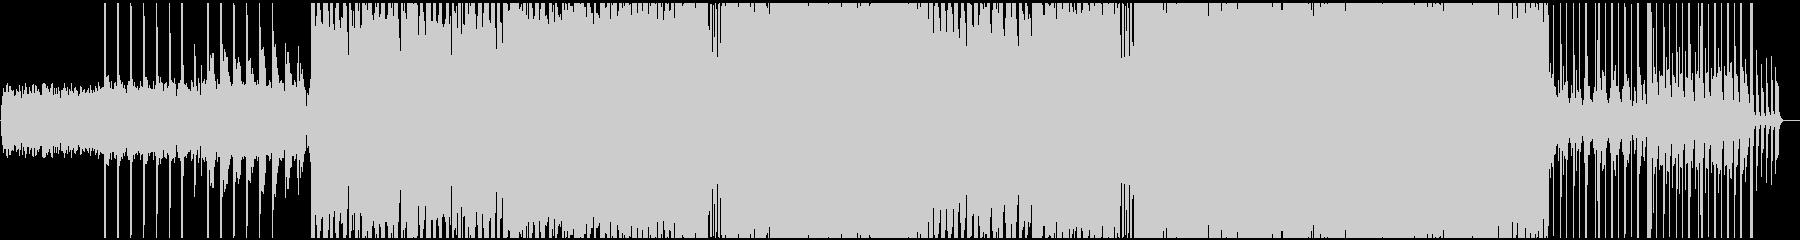 サビの盛り上がり方が印象的なEDMの未再生の波形